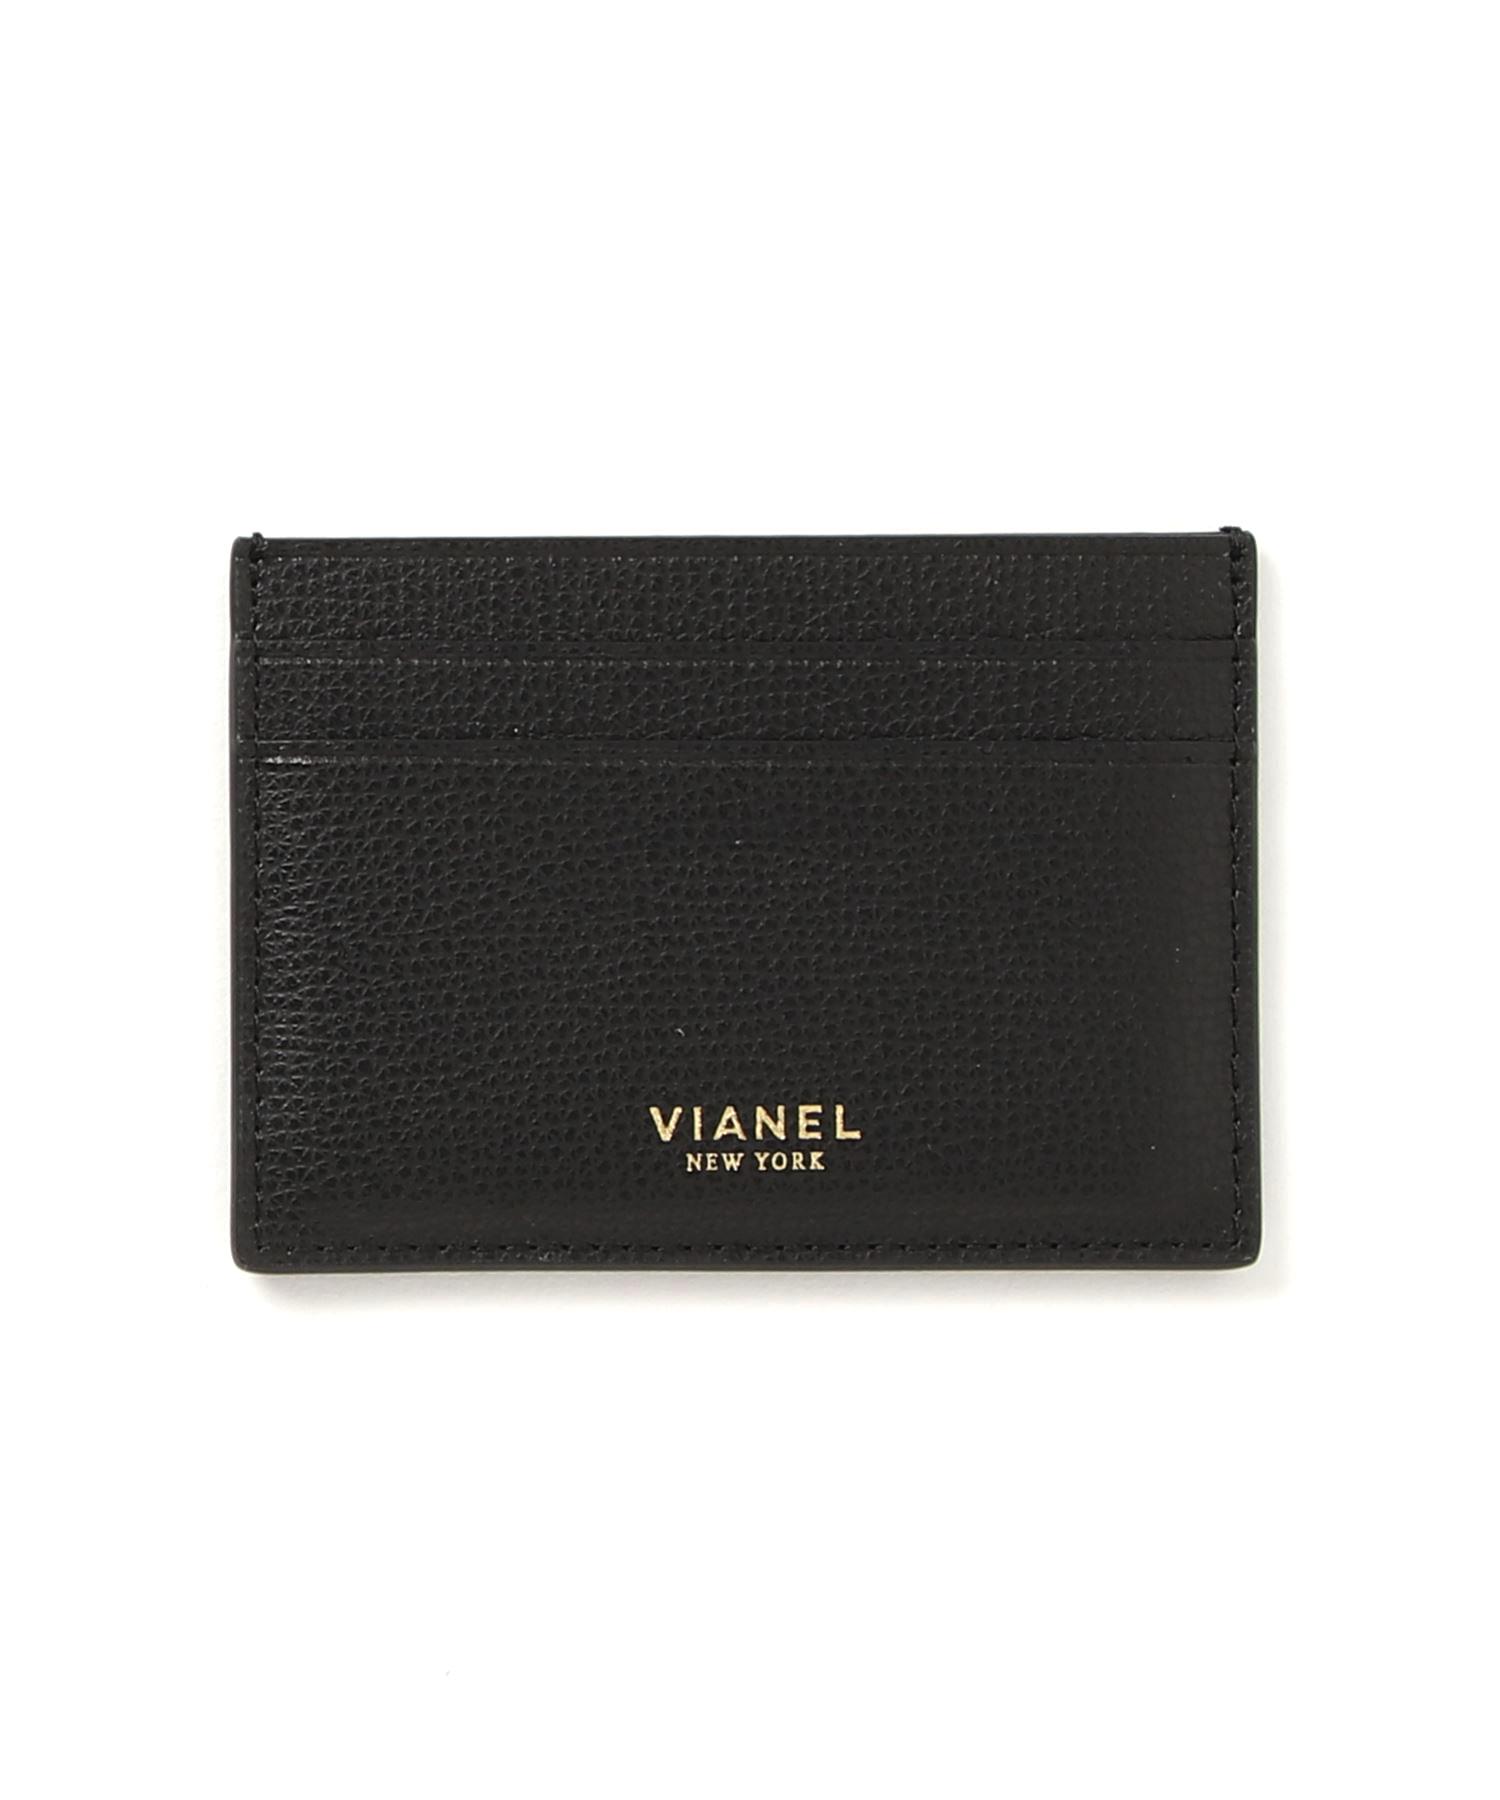 VIANEL NEW YORK / Card Holder